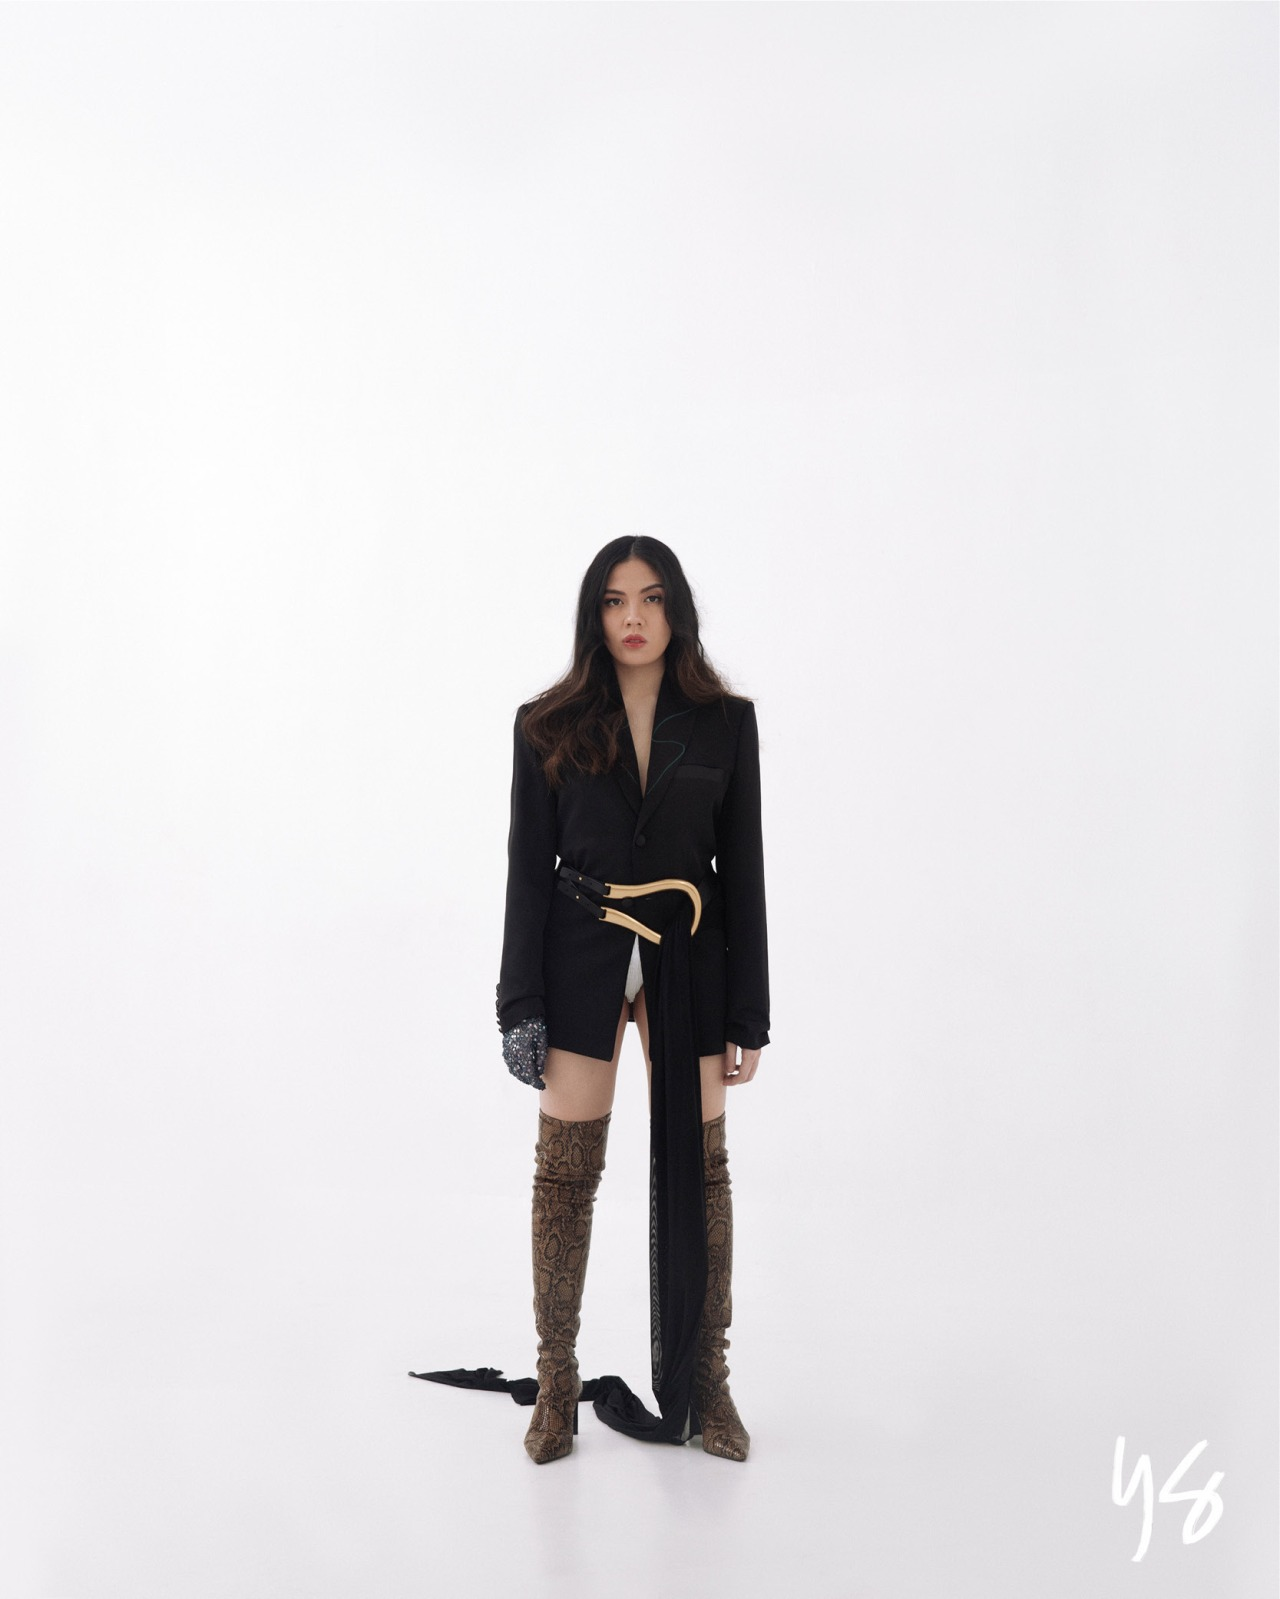 YS January - Frankie Pangilinan2